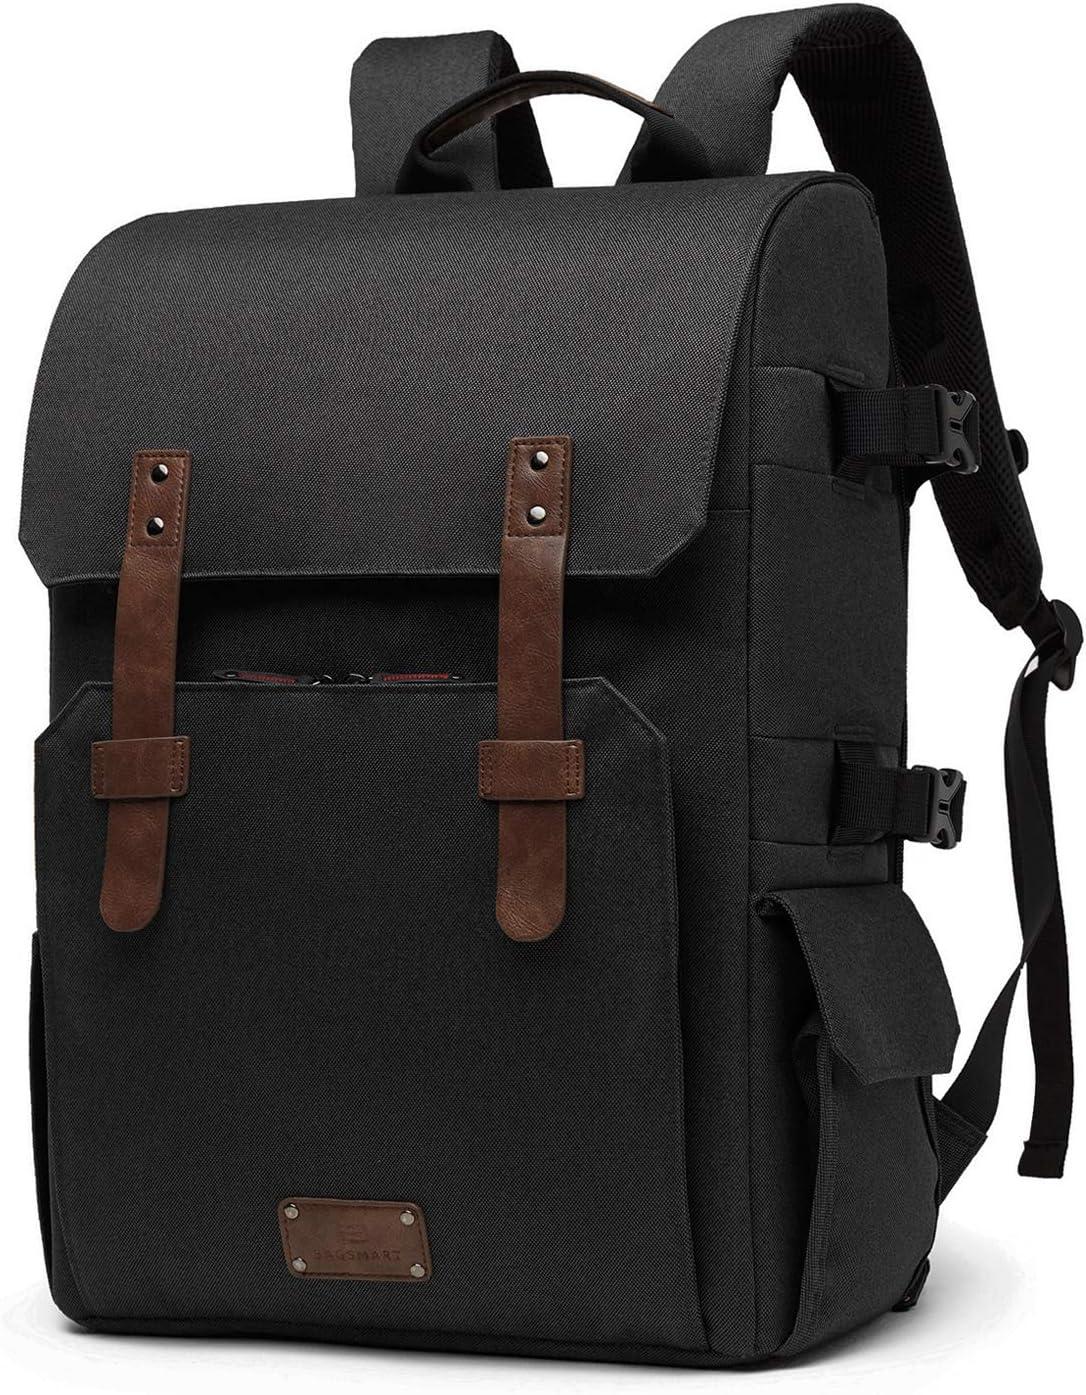 BAGSMART Chic Camera Backpack SLRDSLR Camera Bag for 70 200mm Lens & 15